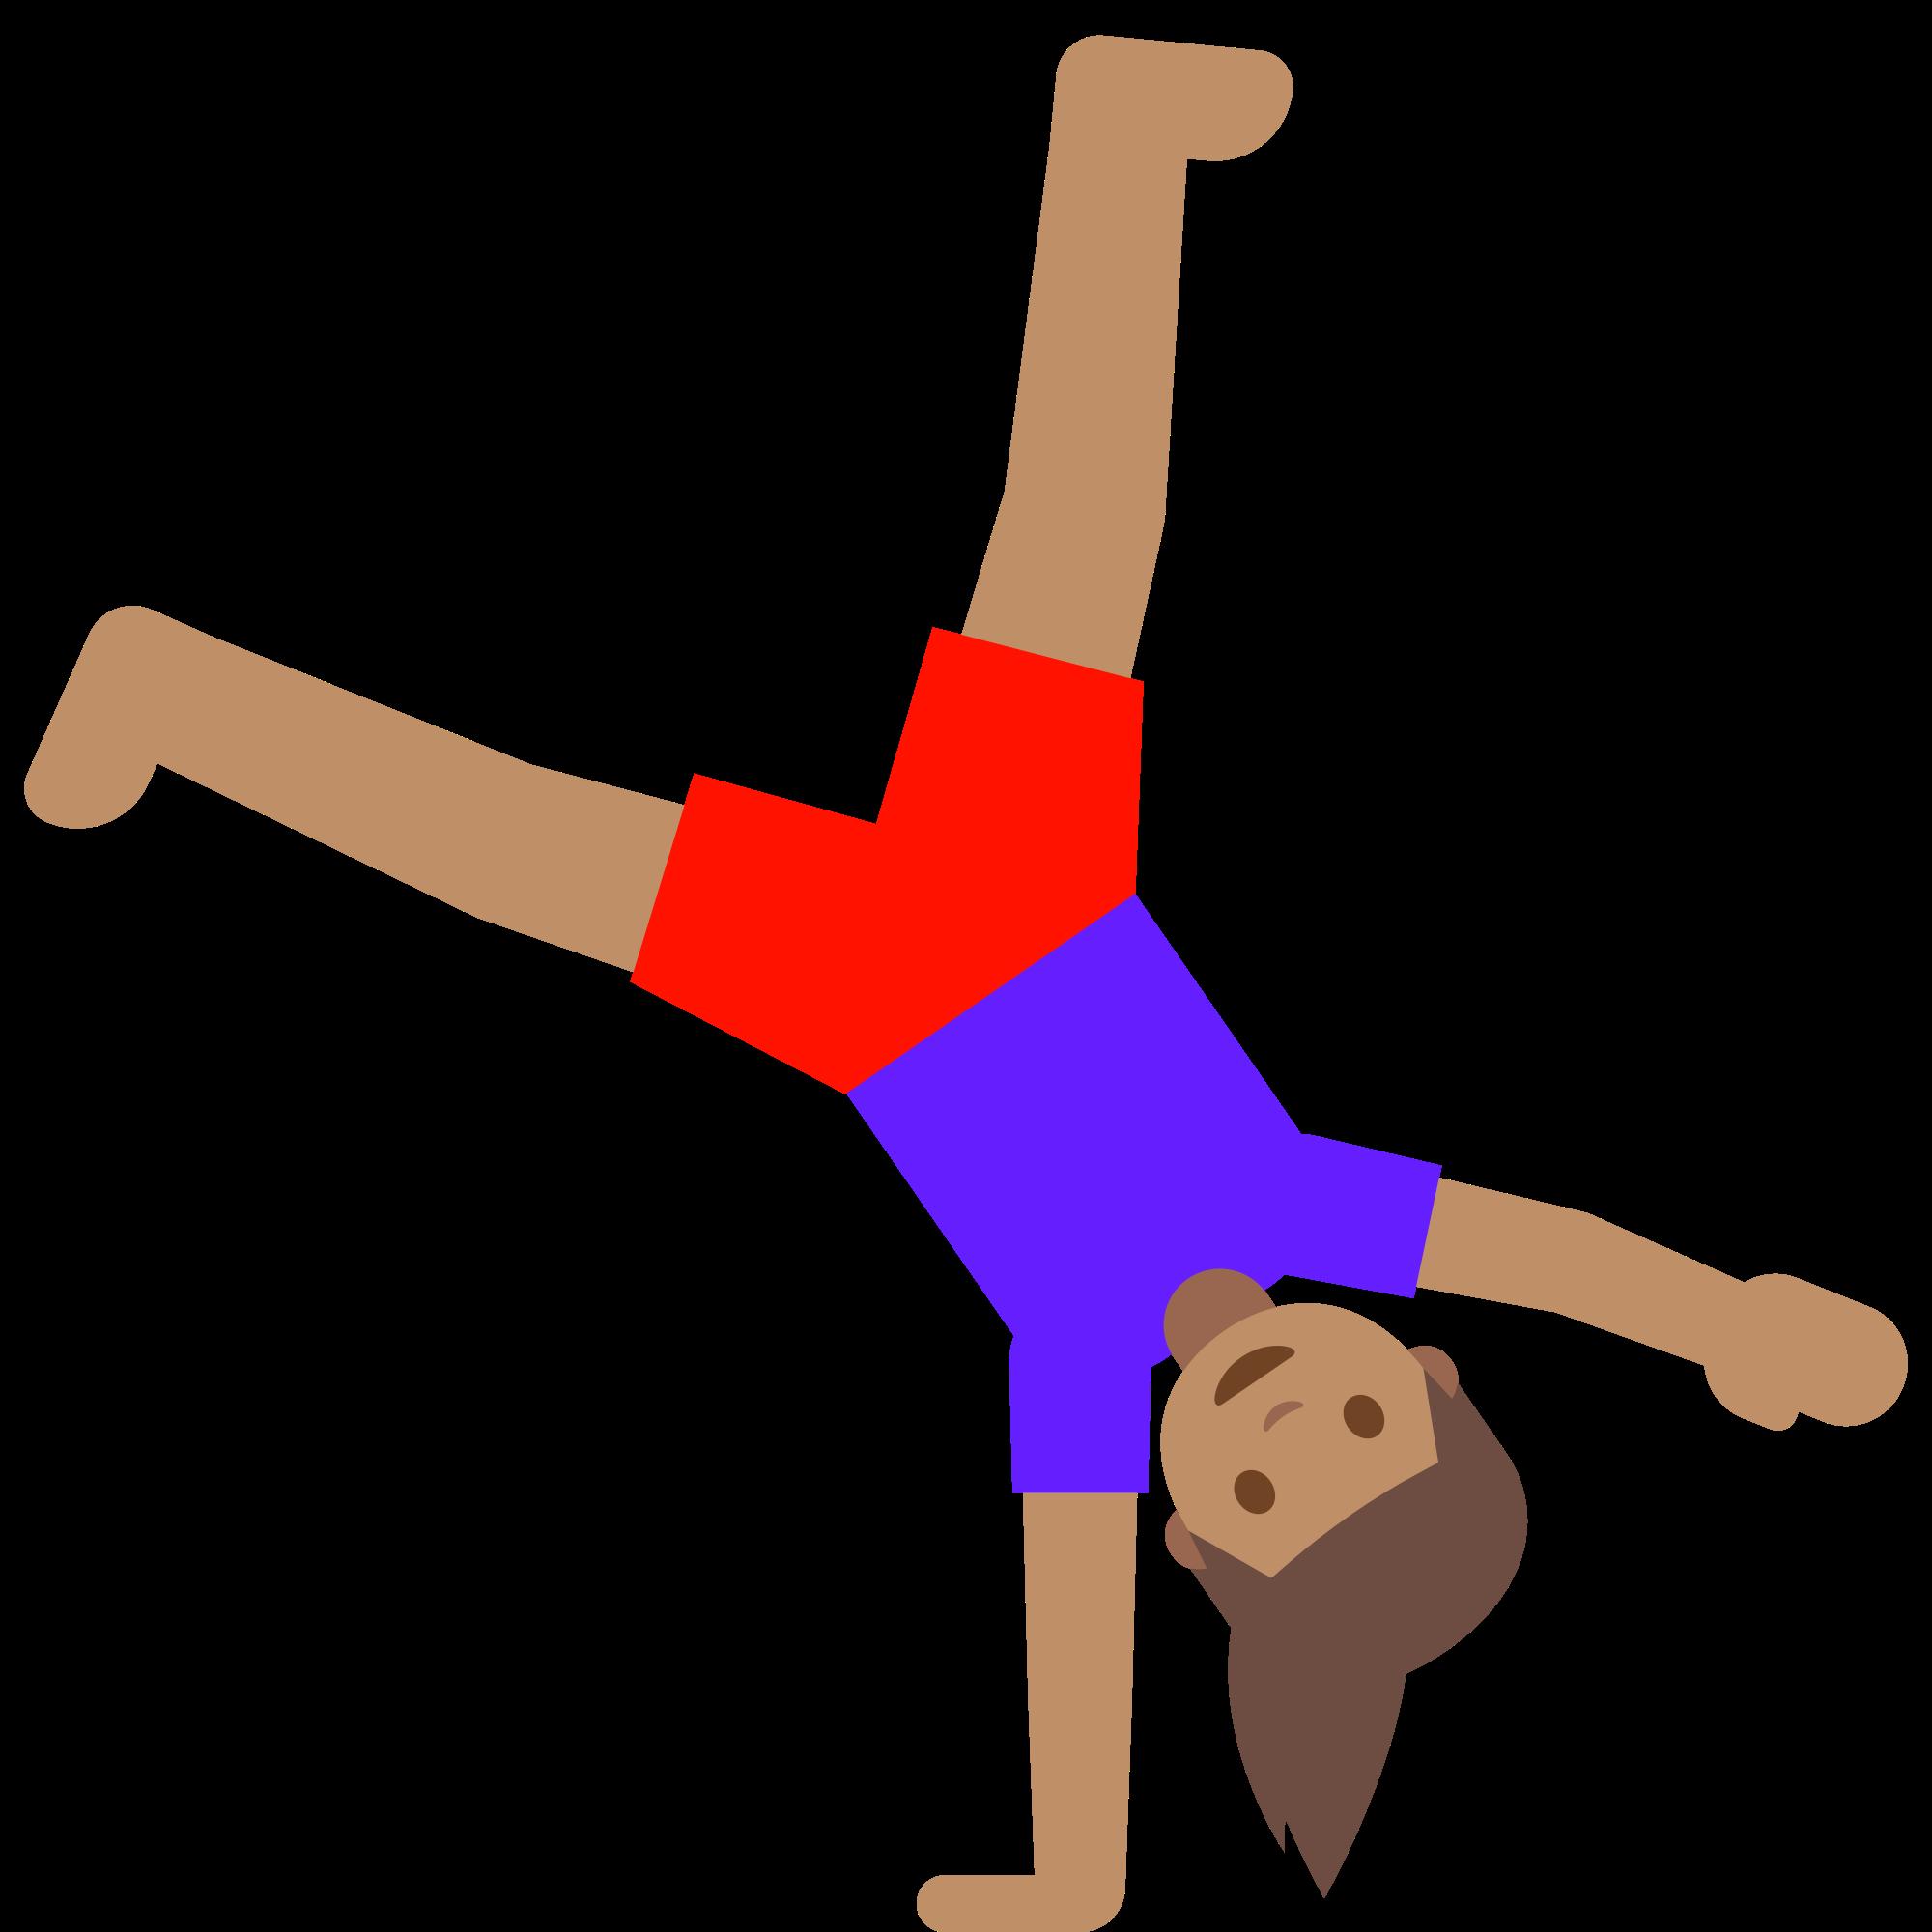 Moving clipart gymnast. File emoji u f